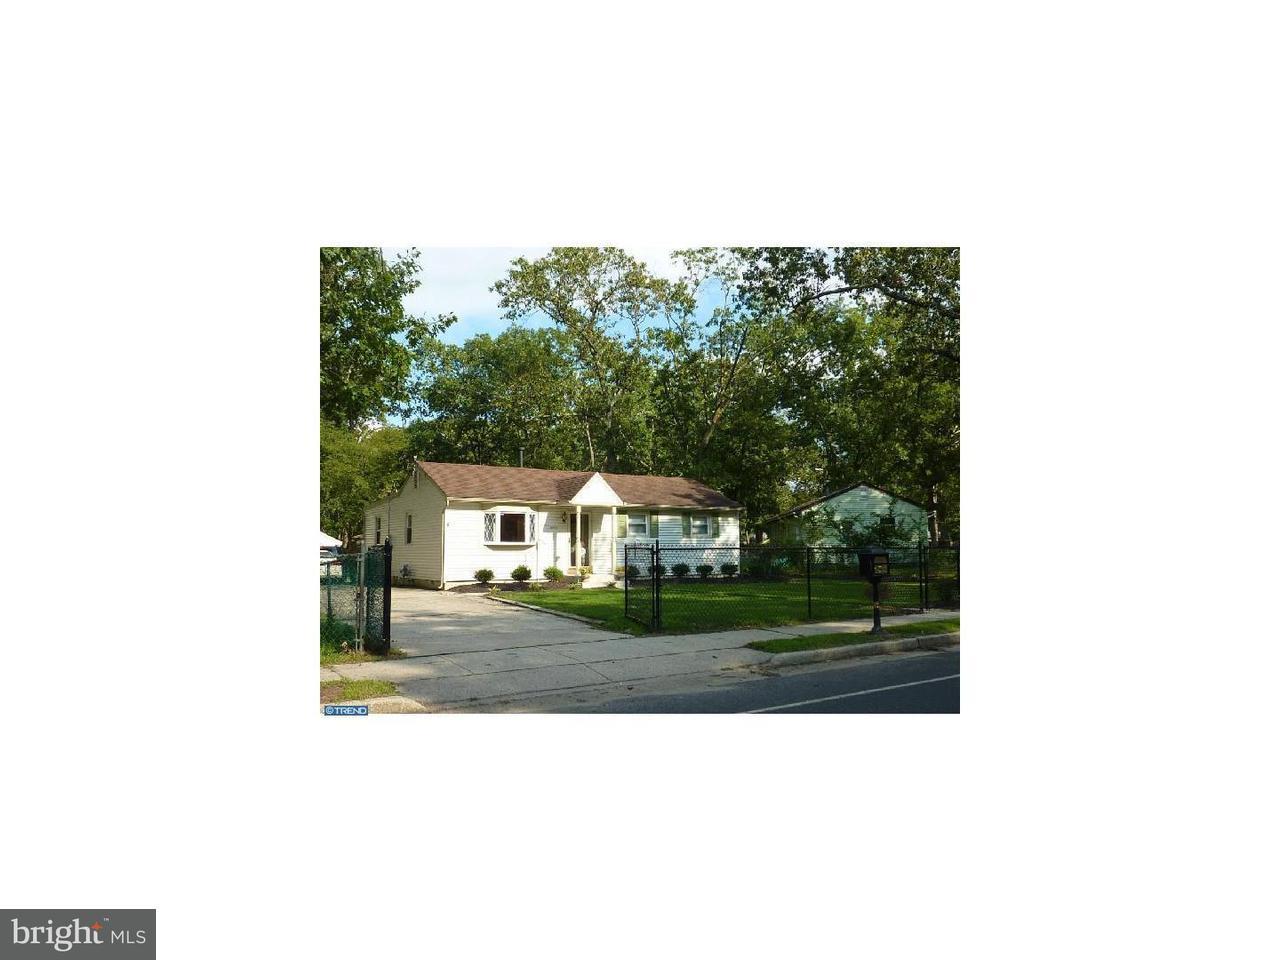 Tek Ailelik Ev için Satış at 408 CAINS MILL Road Buena Vista Township, New Jersey 08094 Amerika Birleşik Devletleri